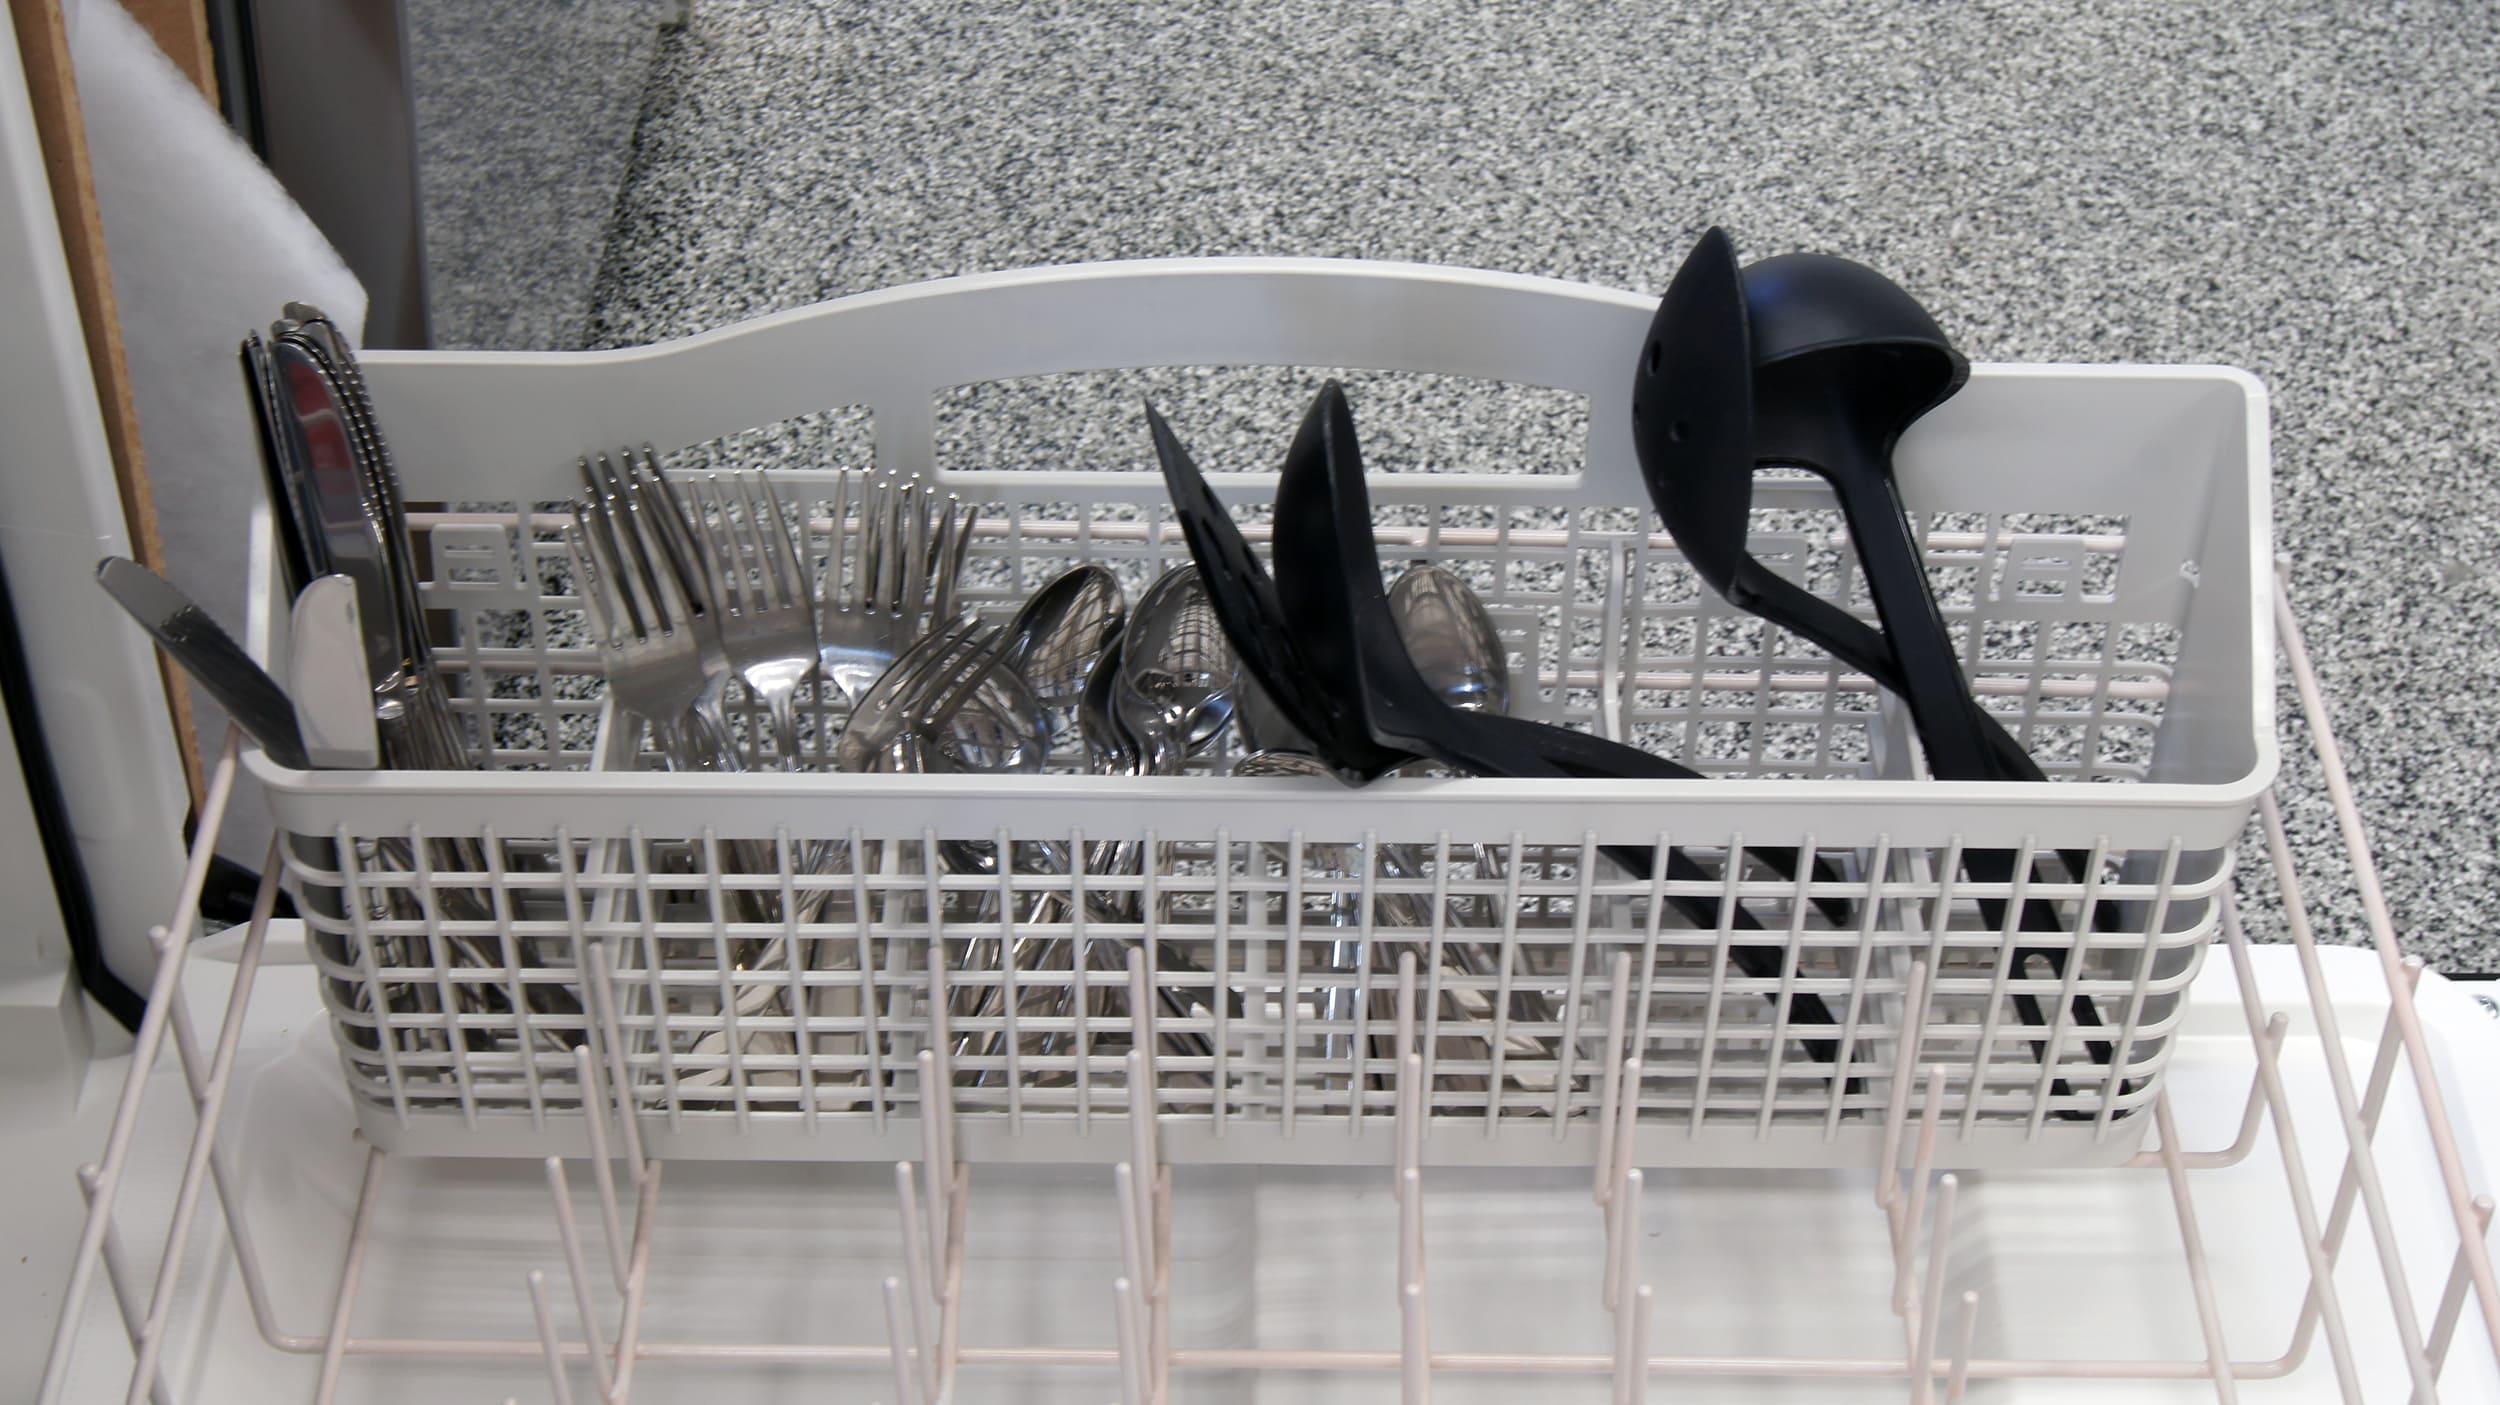 Whirlpool WDF310PAAS cutlery basket capacity